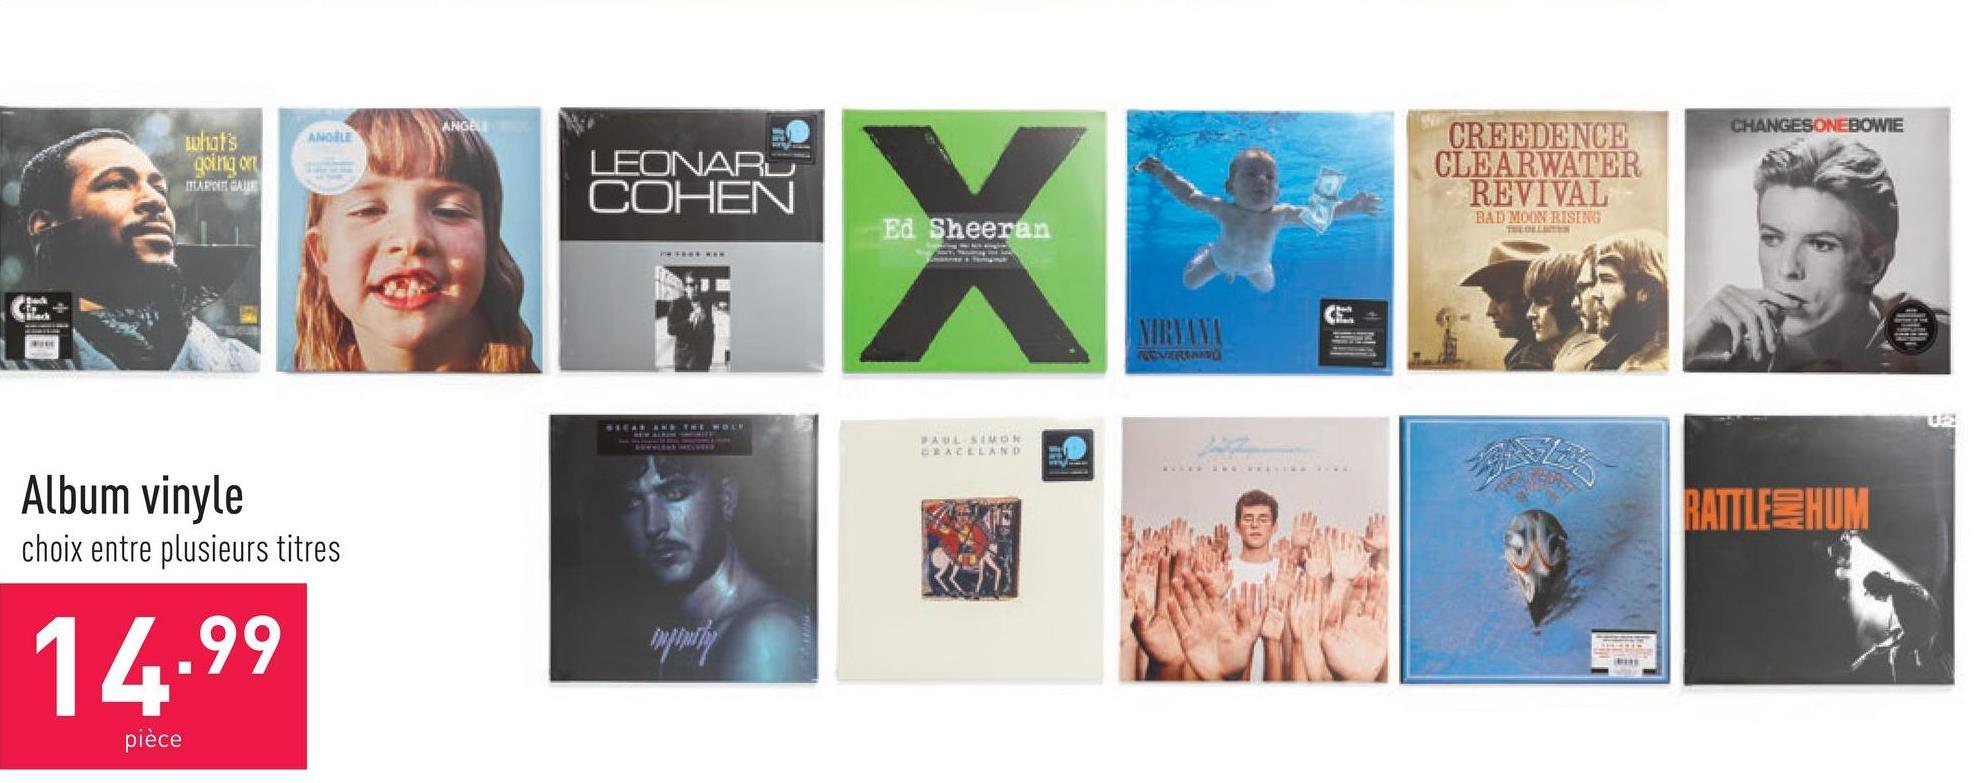 Album vinyle choix entre plusieurs titres